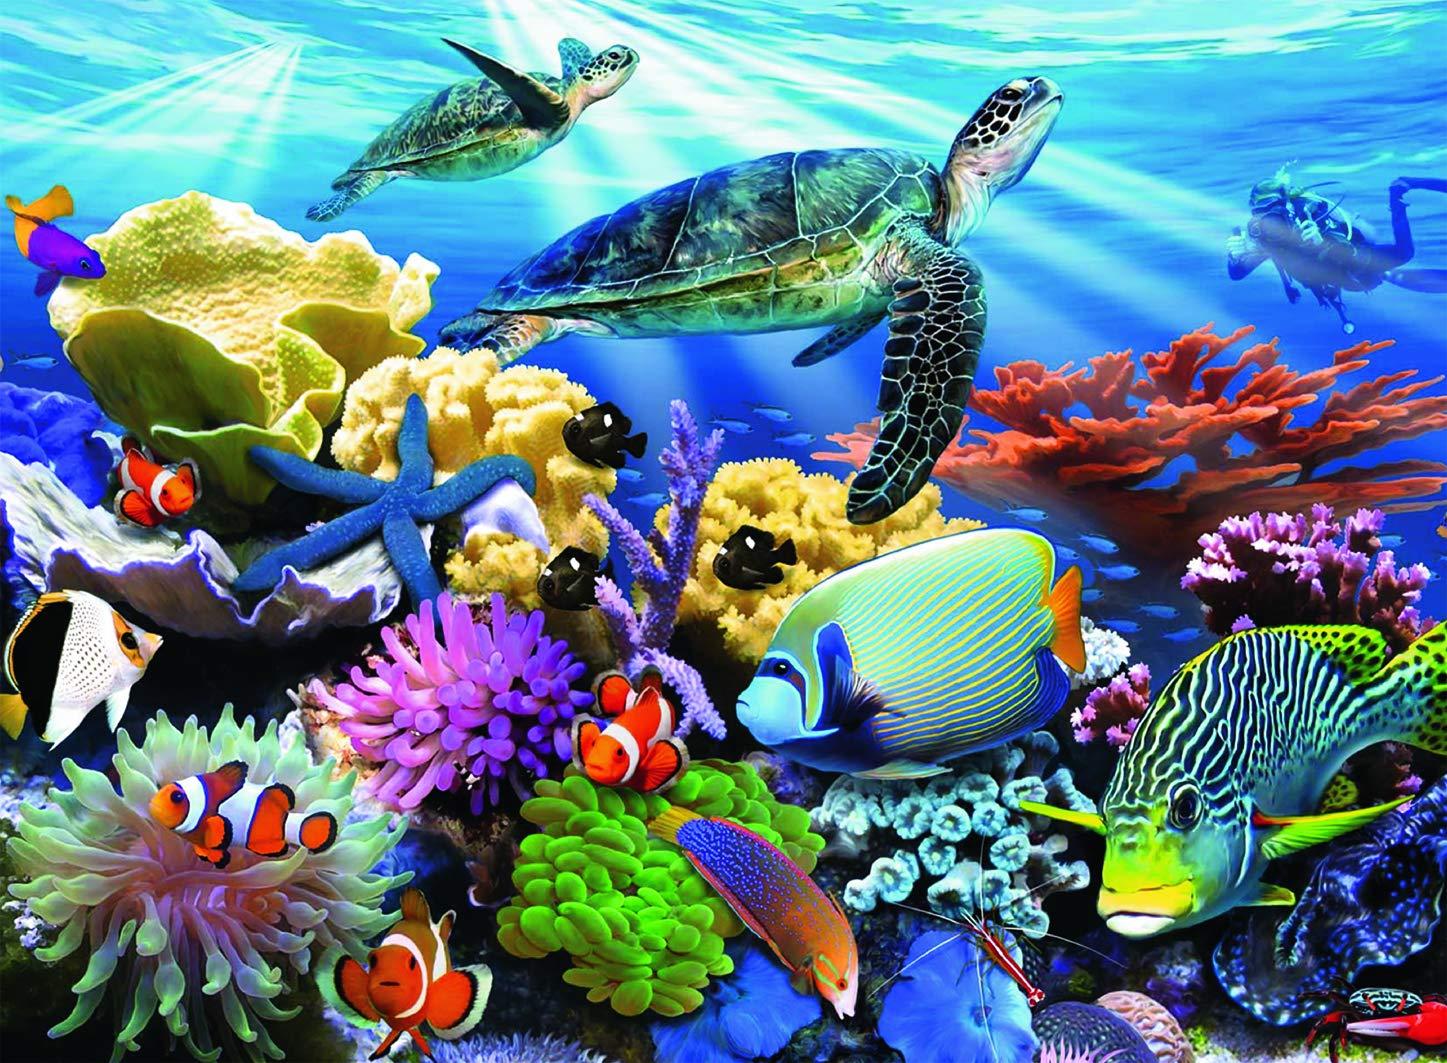 Змея, картинки подводного мира с надписями